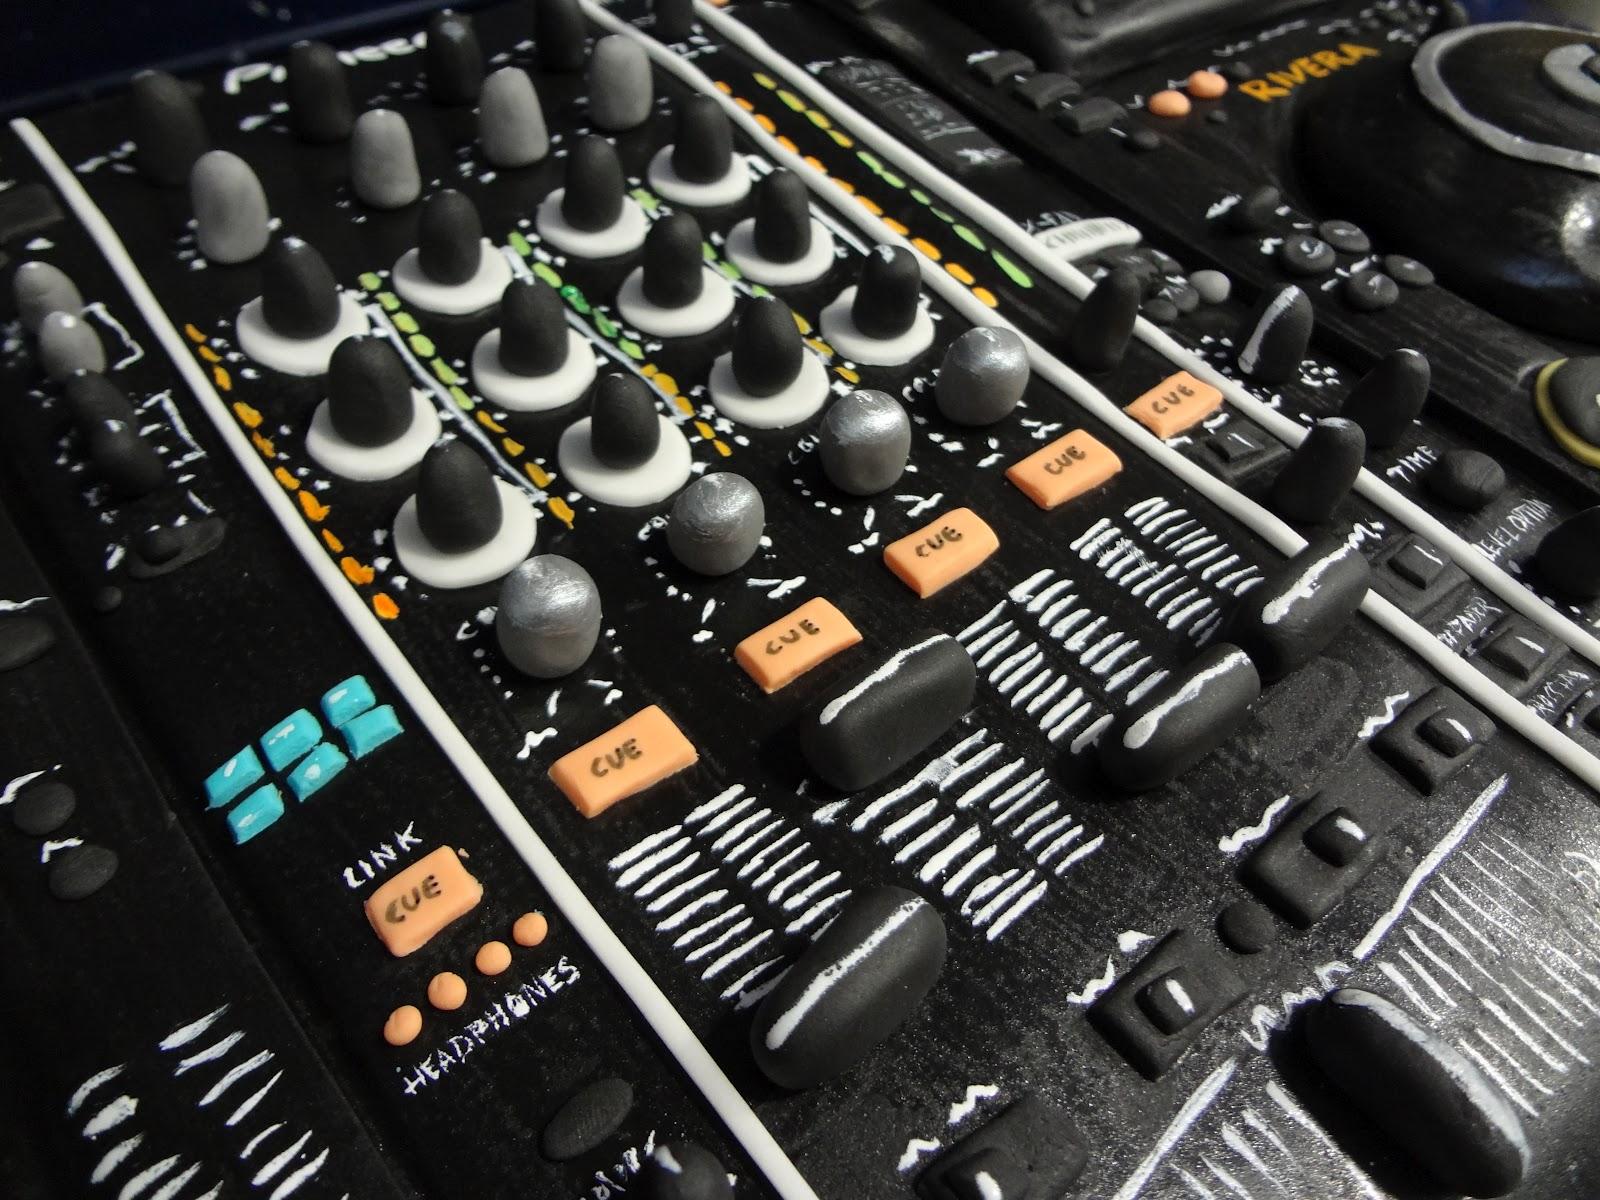 Tarta mesa de mezclas dj 28 cumplea os kiko rivera for Mesa de mezclas fonestar